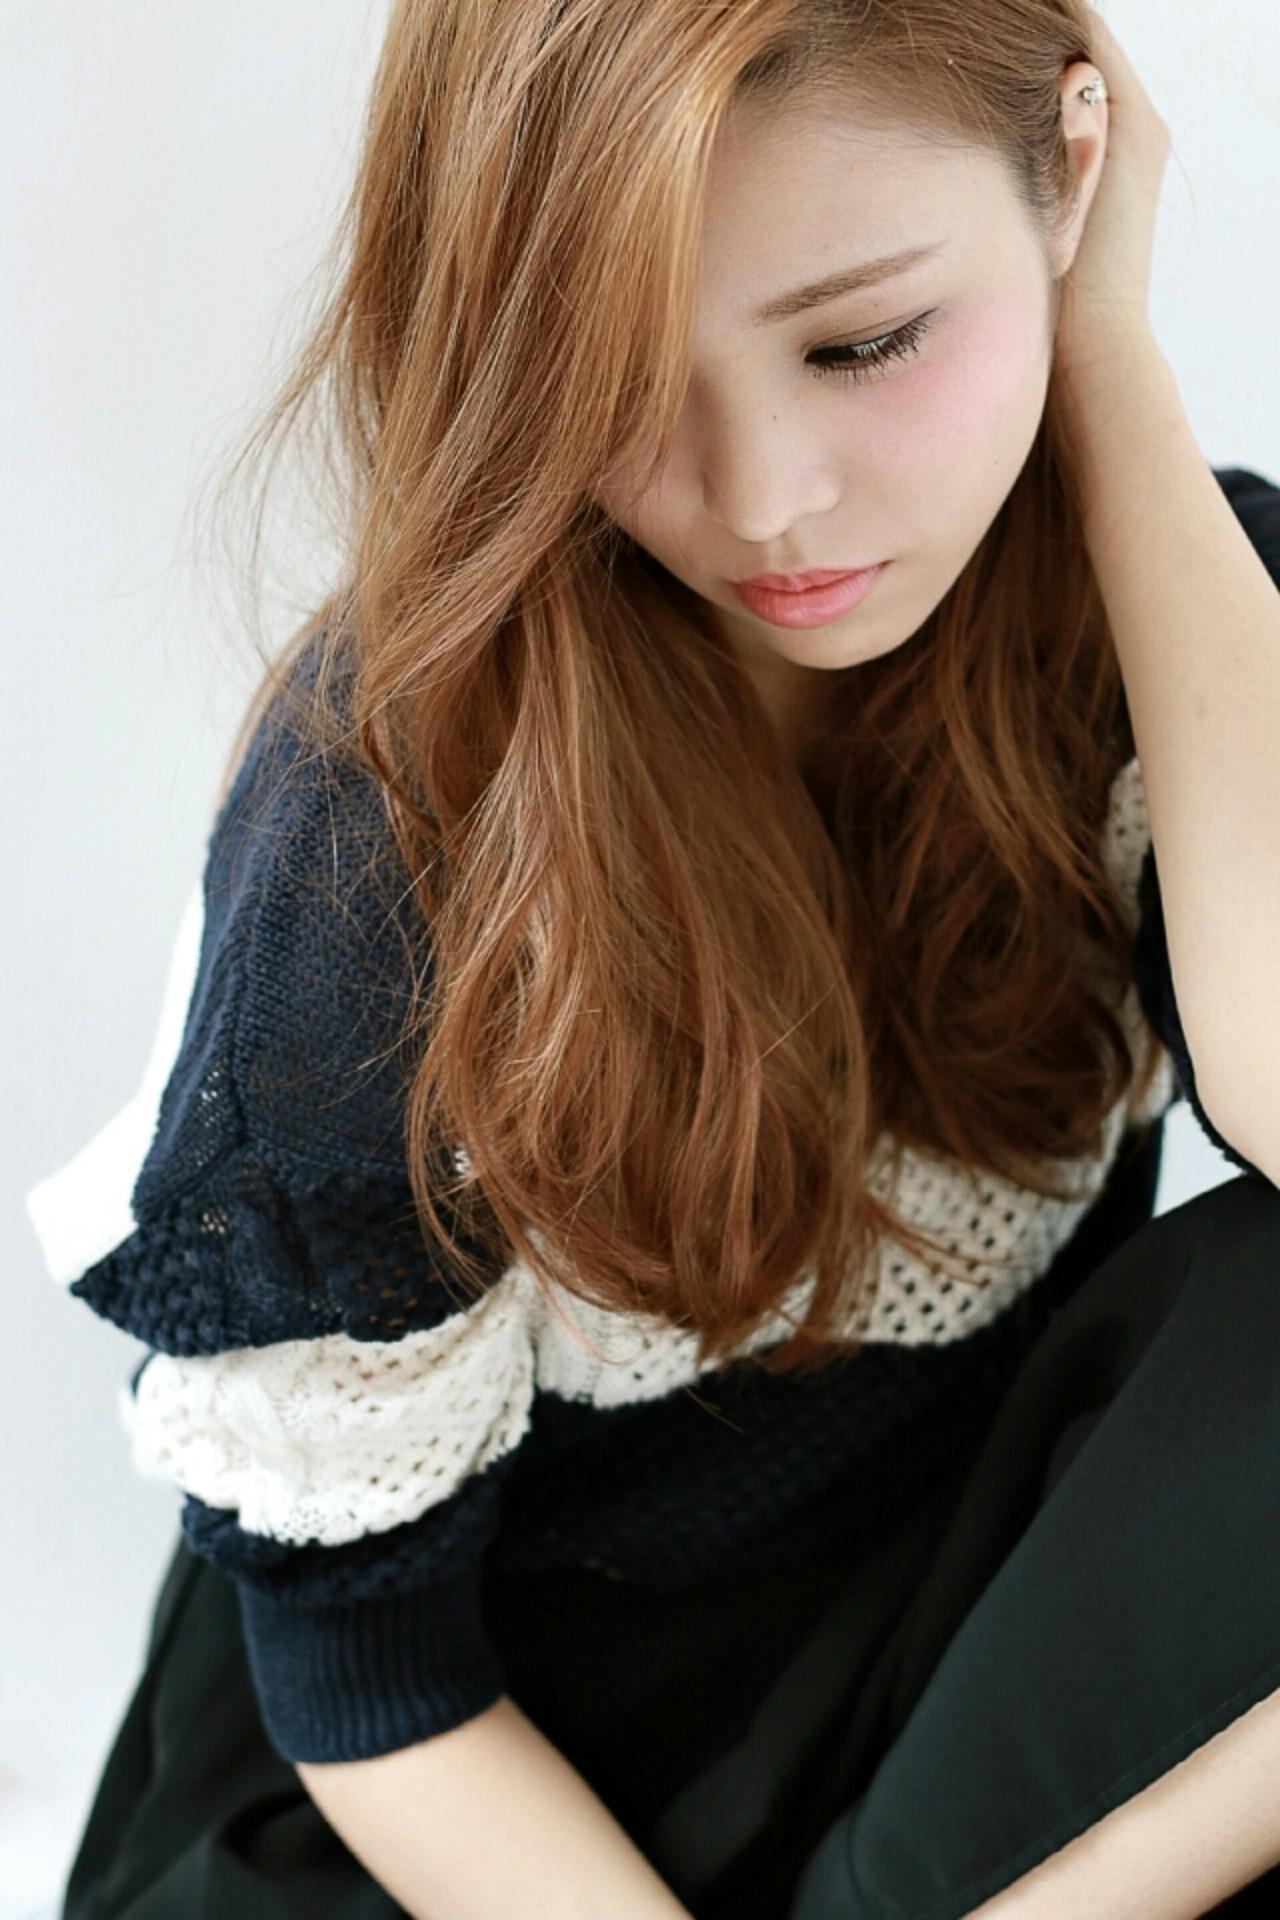 アッシュ パーマ 大人女子 コンサバ ヘアスタイルや髪型の写真・画像